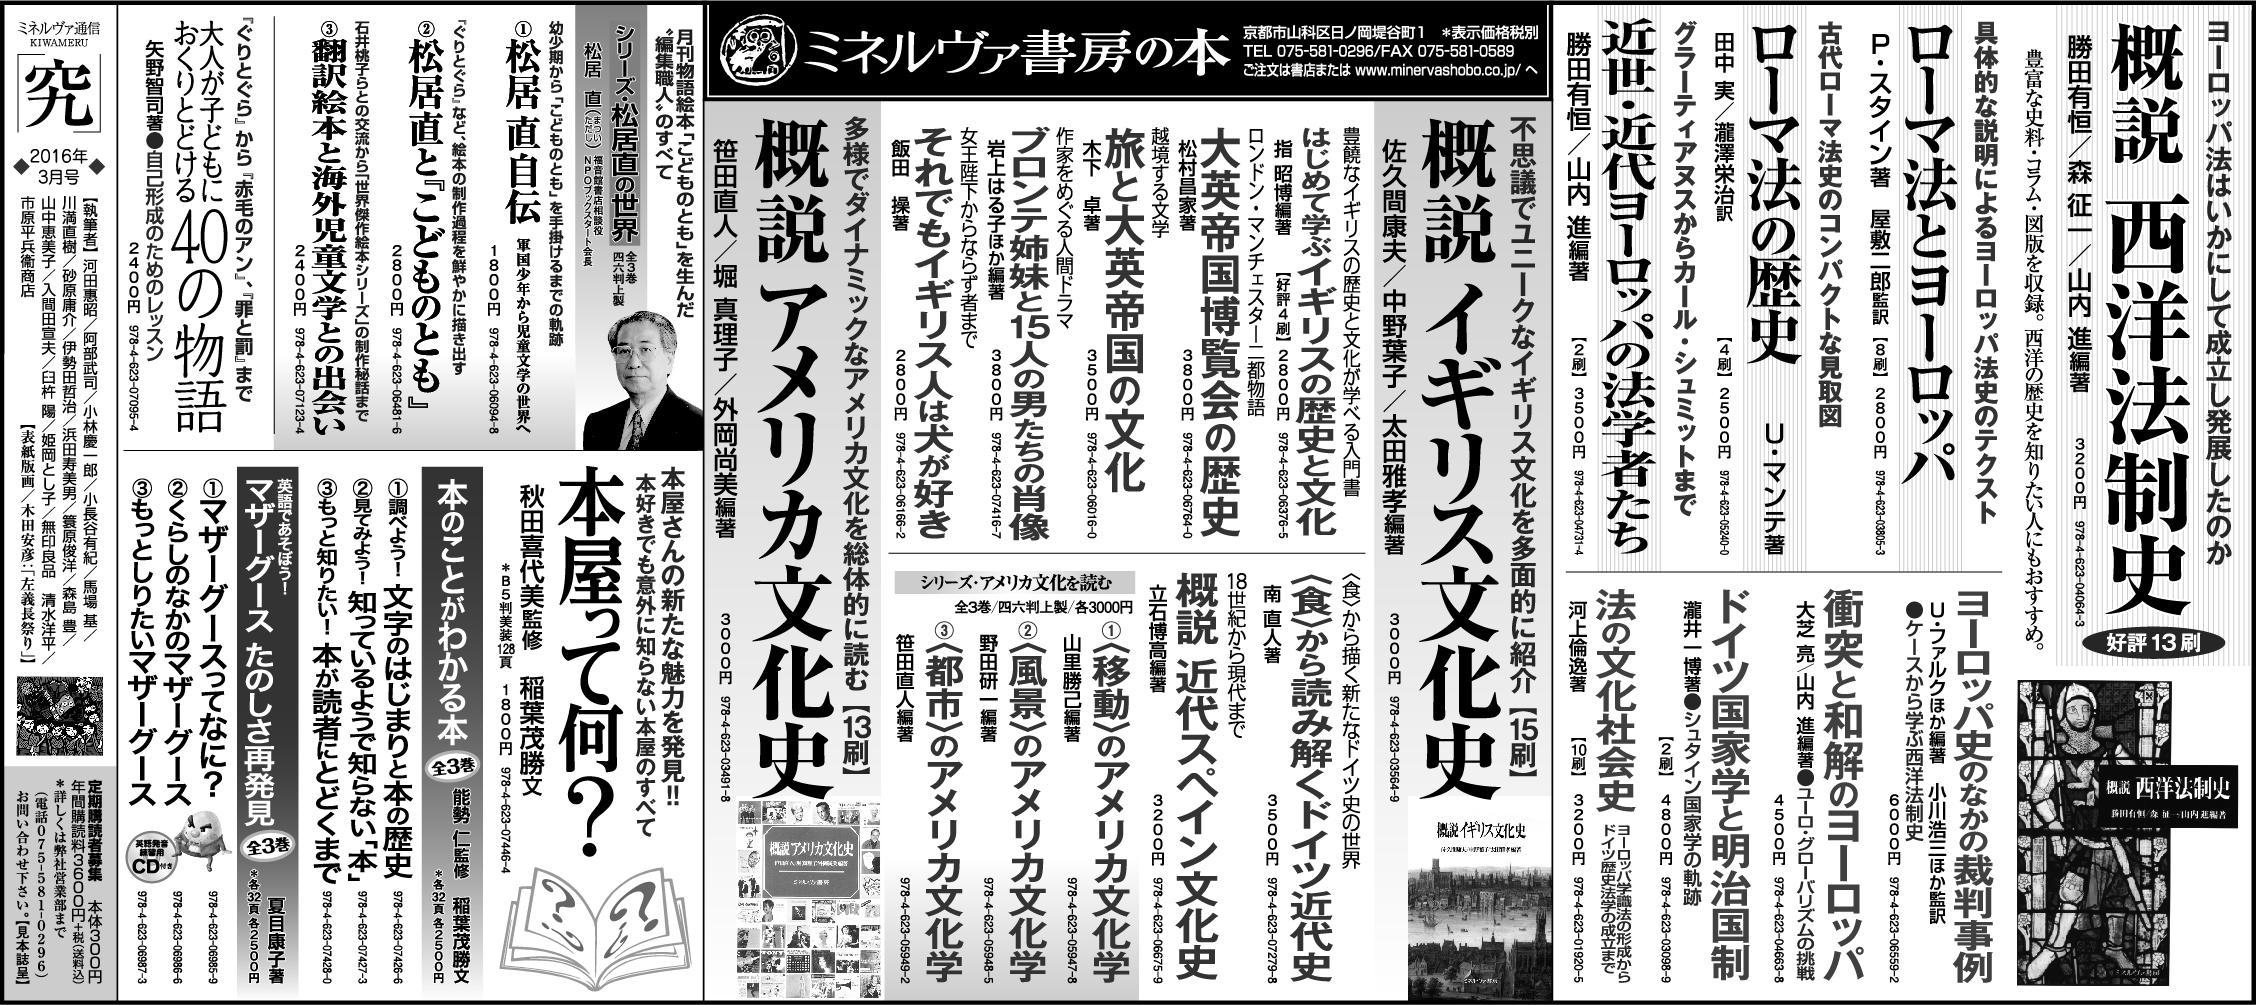 朝日新聞2016年3月13日(読書面)全5段広告